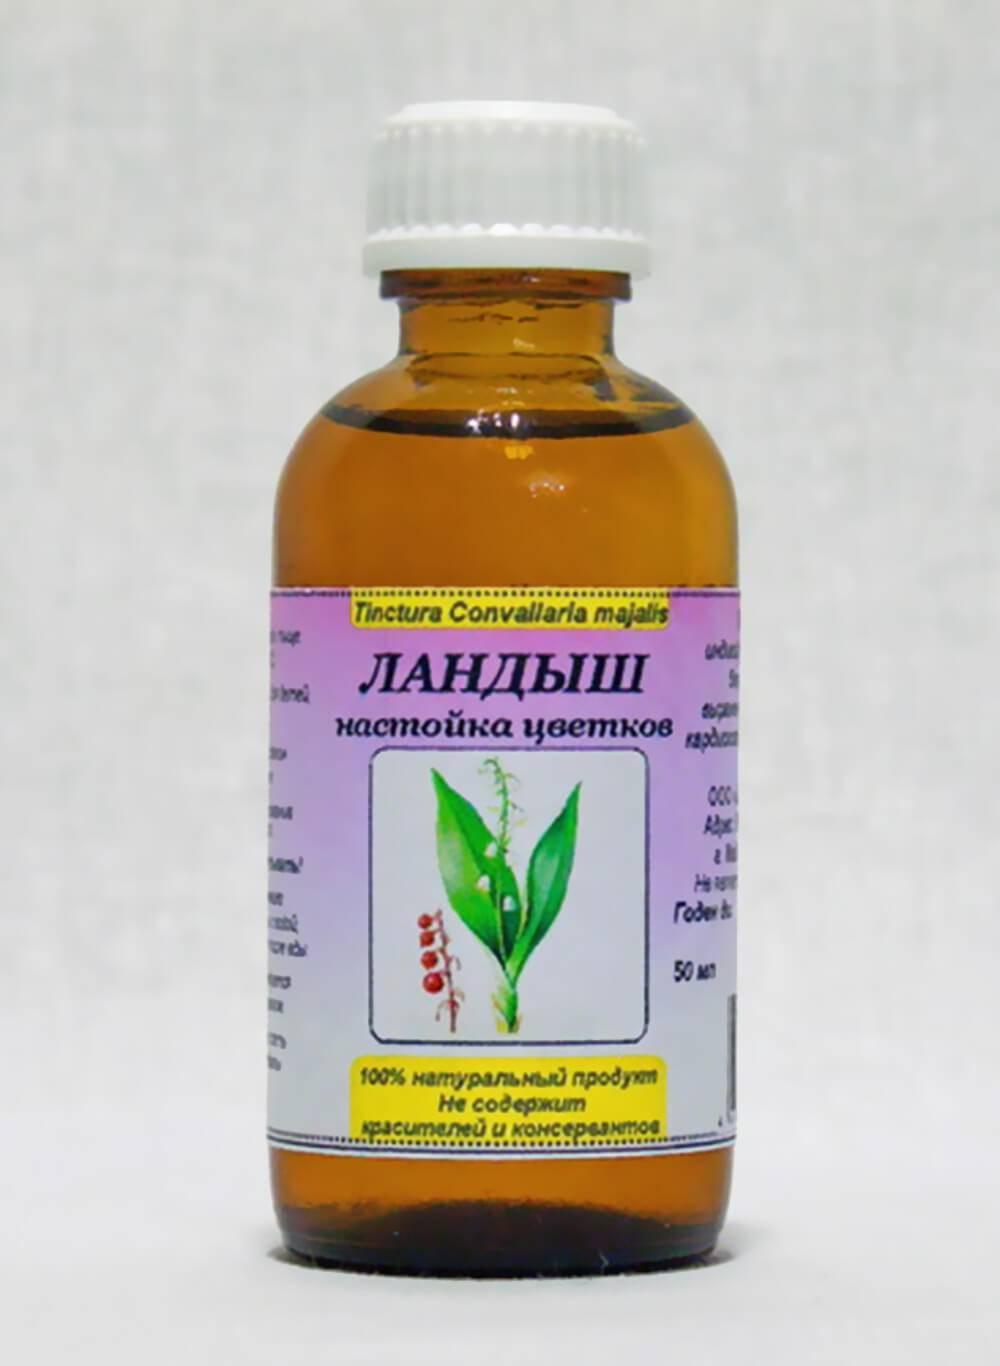 Как сделать настойку из цветов ландыша. ландыша настойка рецепт. ландыш: лекарственные и лечебные свойства